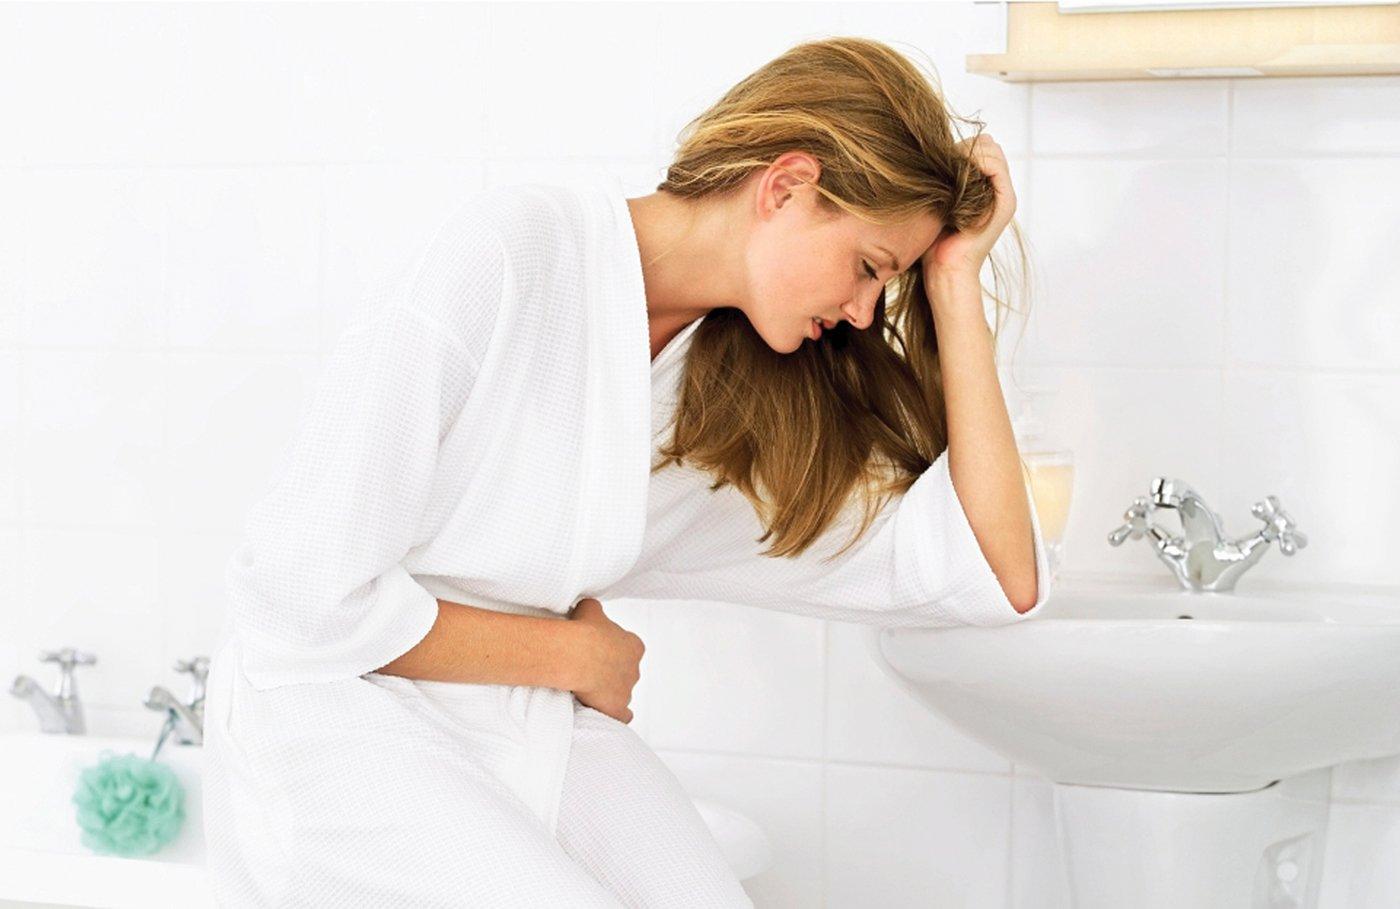 При почечной недостаточности и алкоголизме препарат принимают с осторожностью